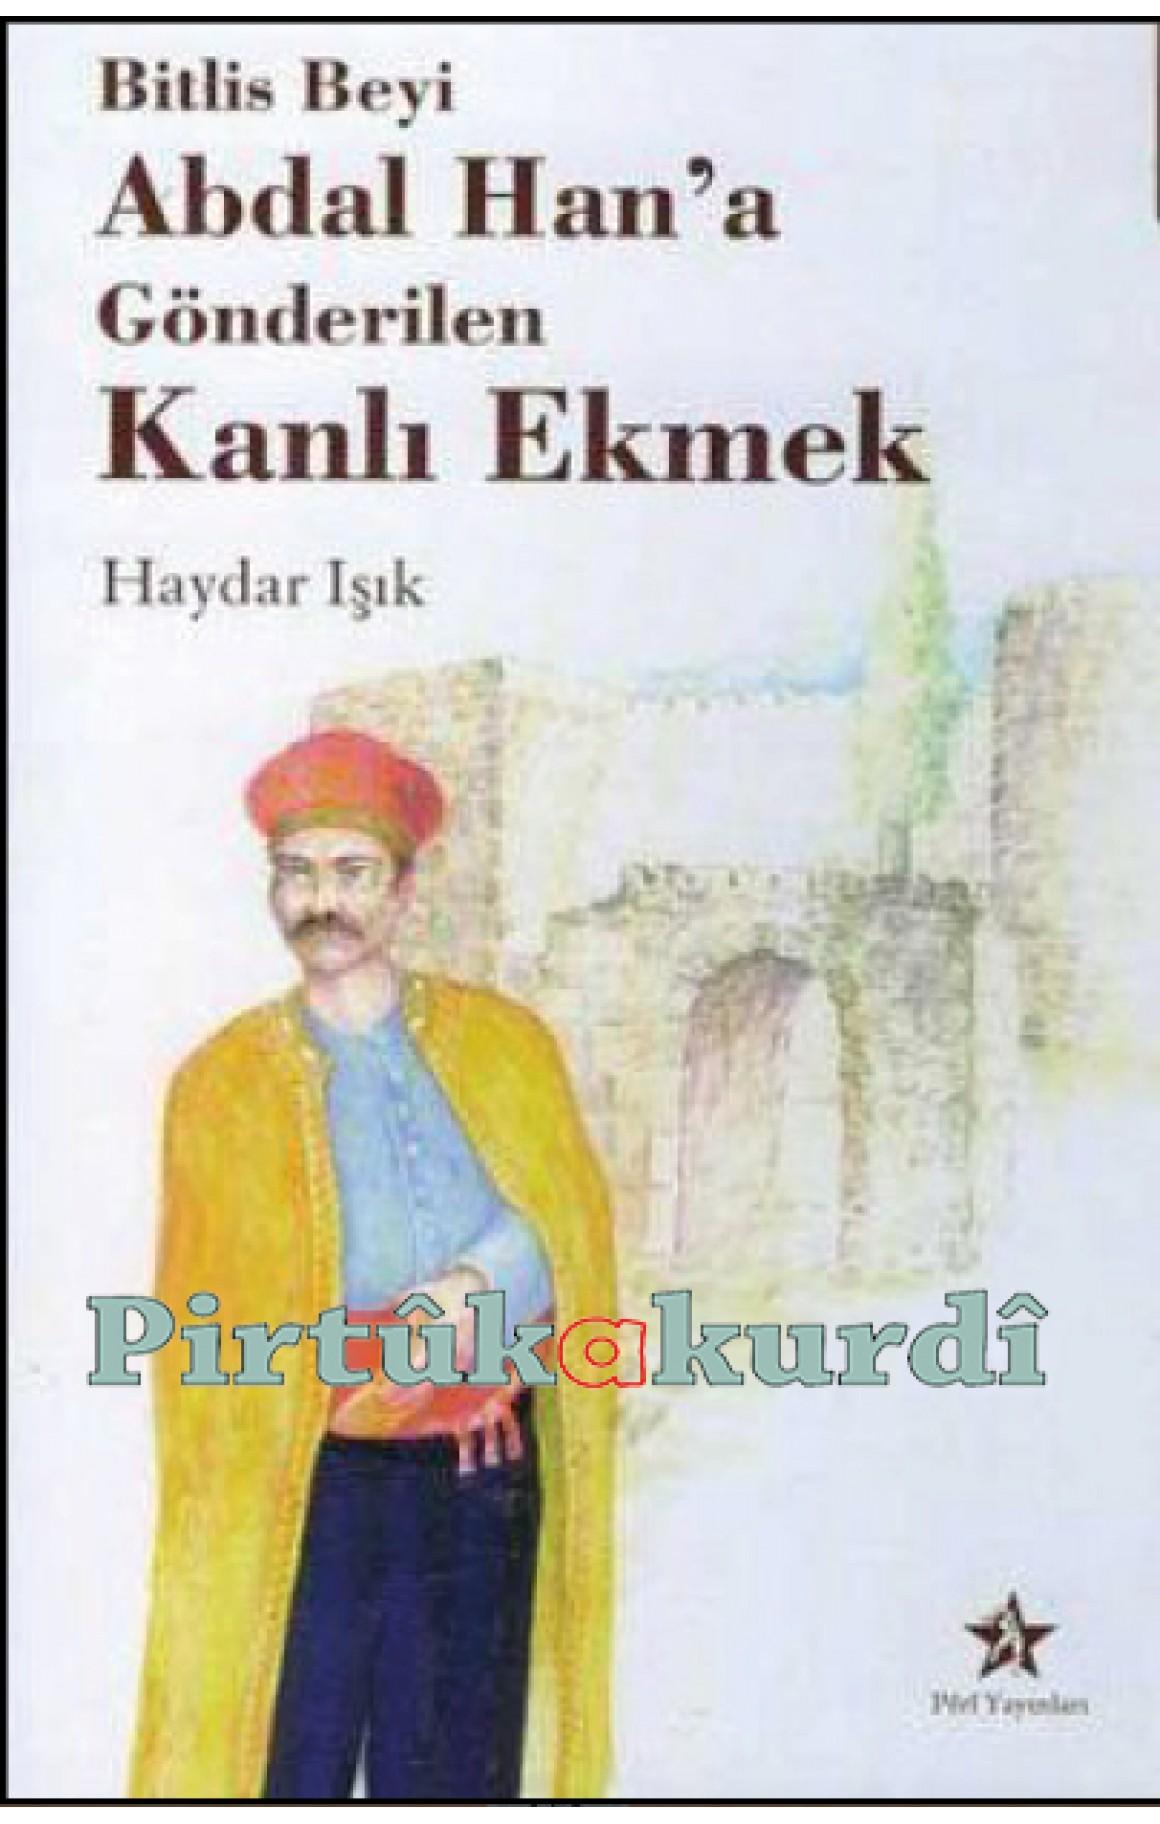 Bitlis Beyi Abdal Han'a Gönderilen Kanlı Ekmek